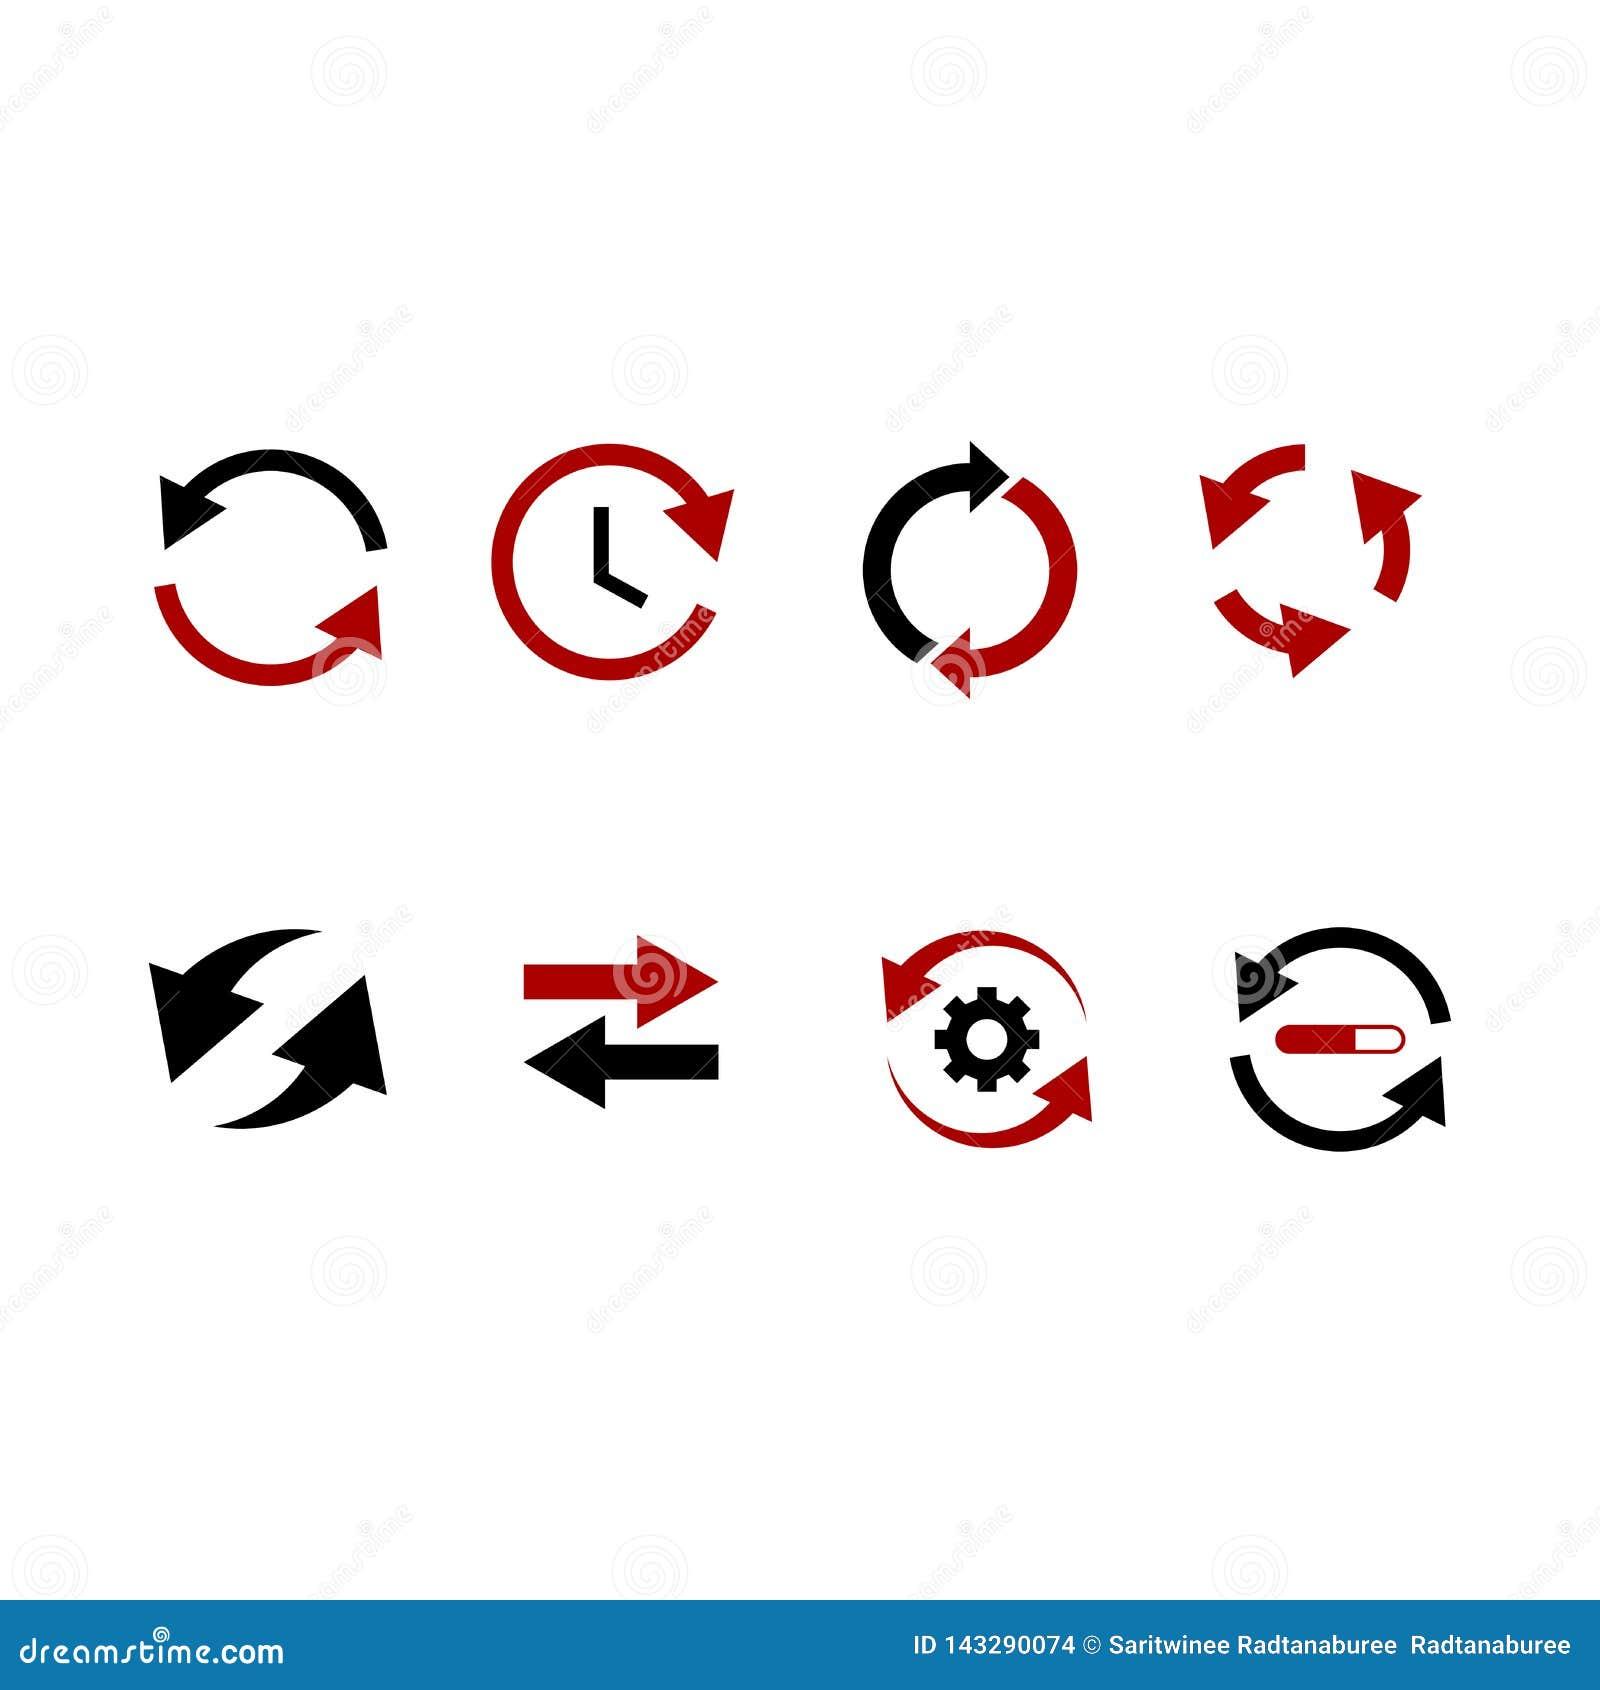 Metta della serie nera della freccia di vettore delle icone della freccia, i vari stili, il nero, bianco sul vettore